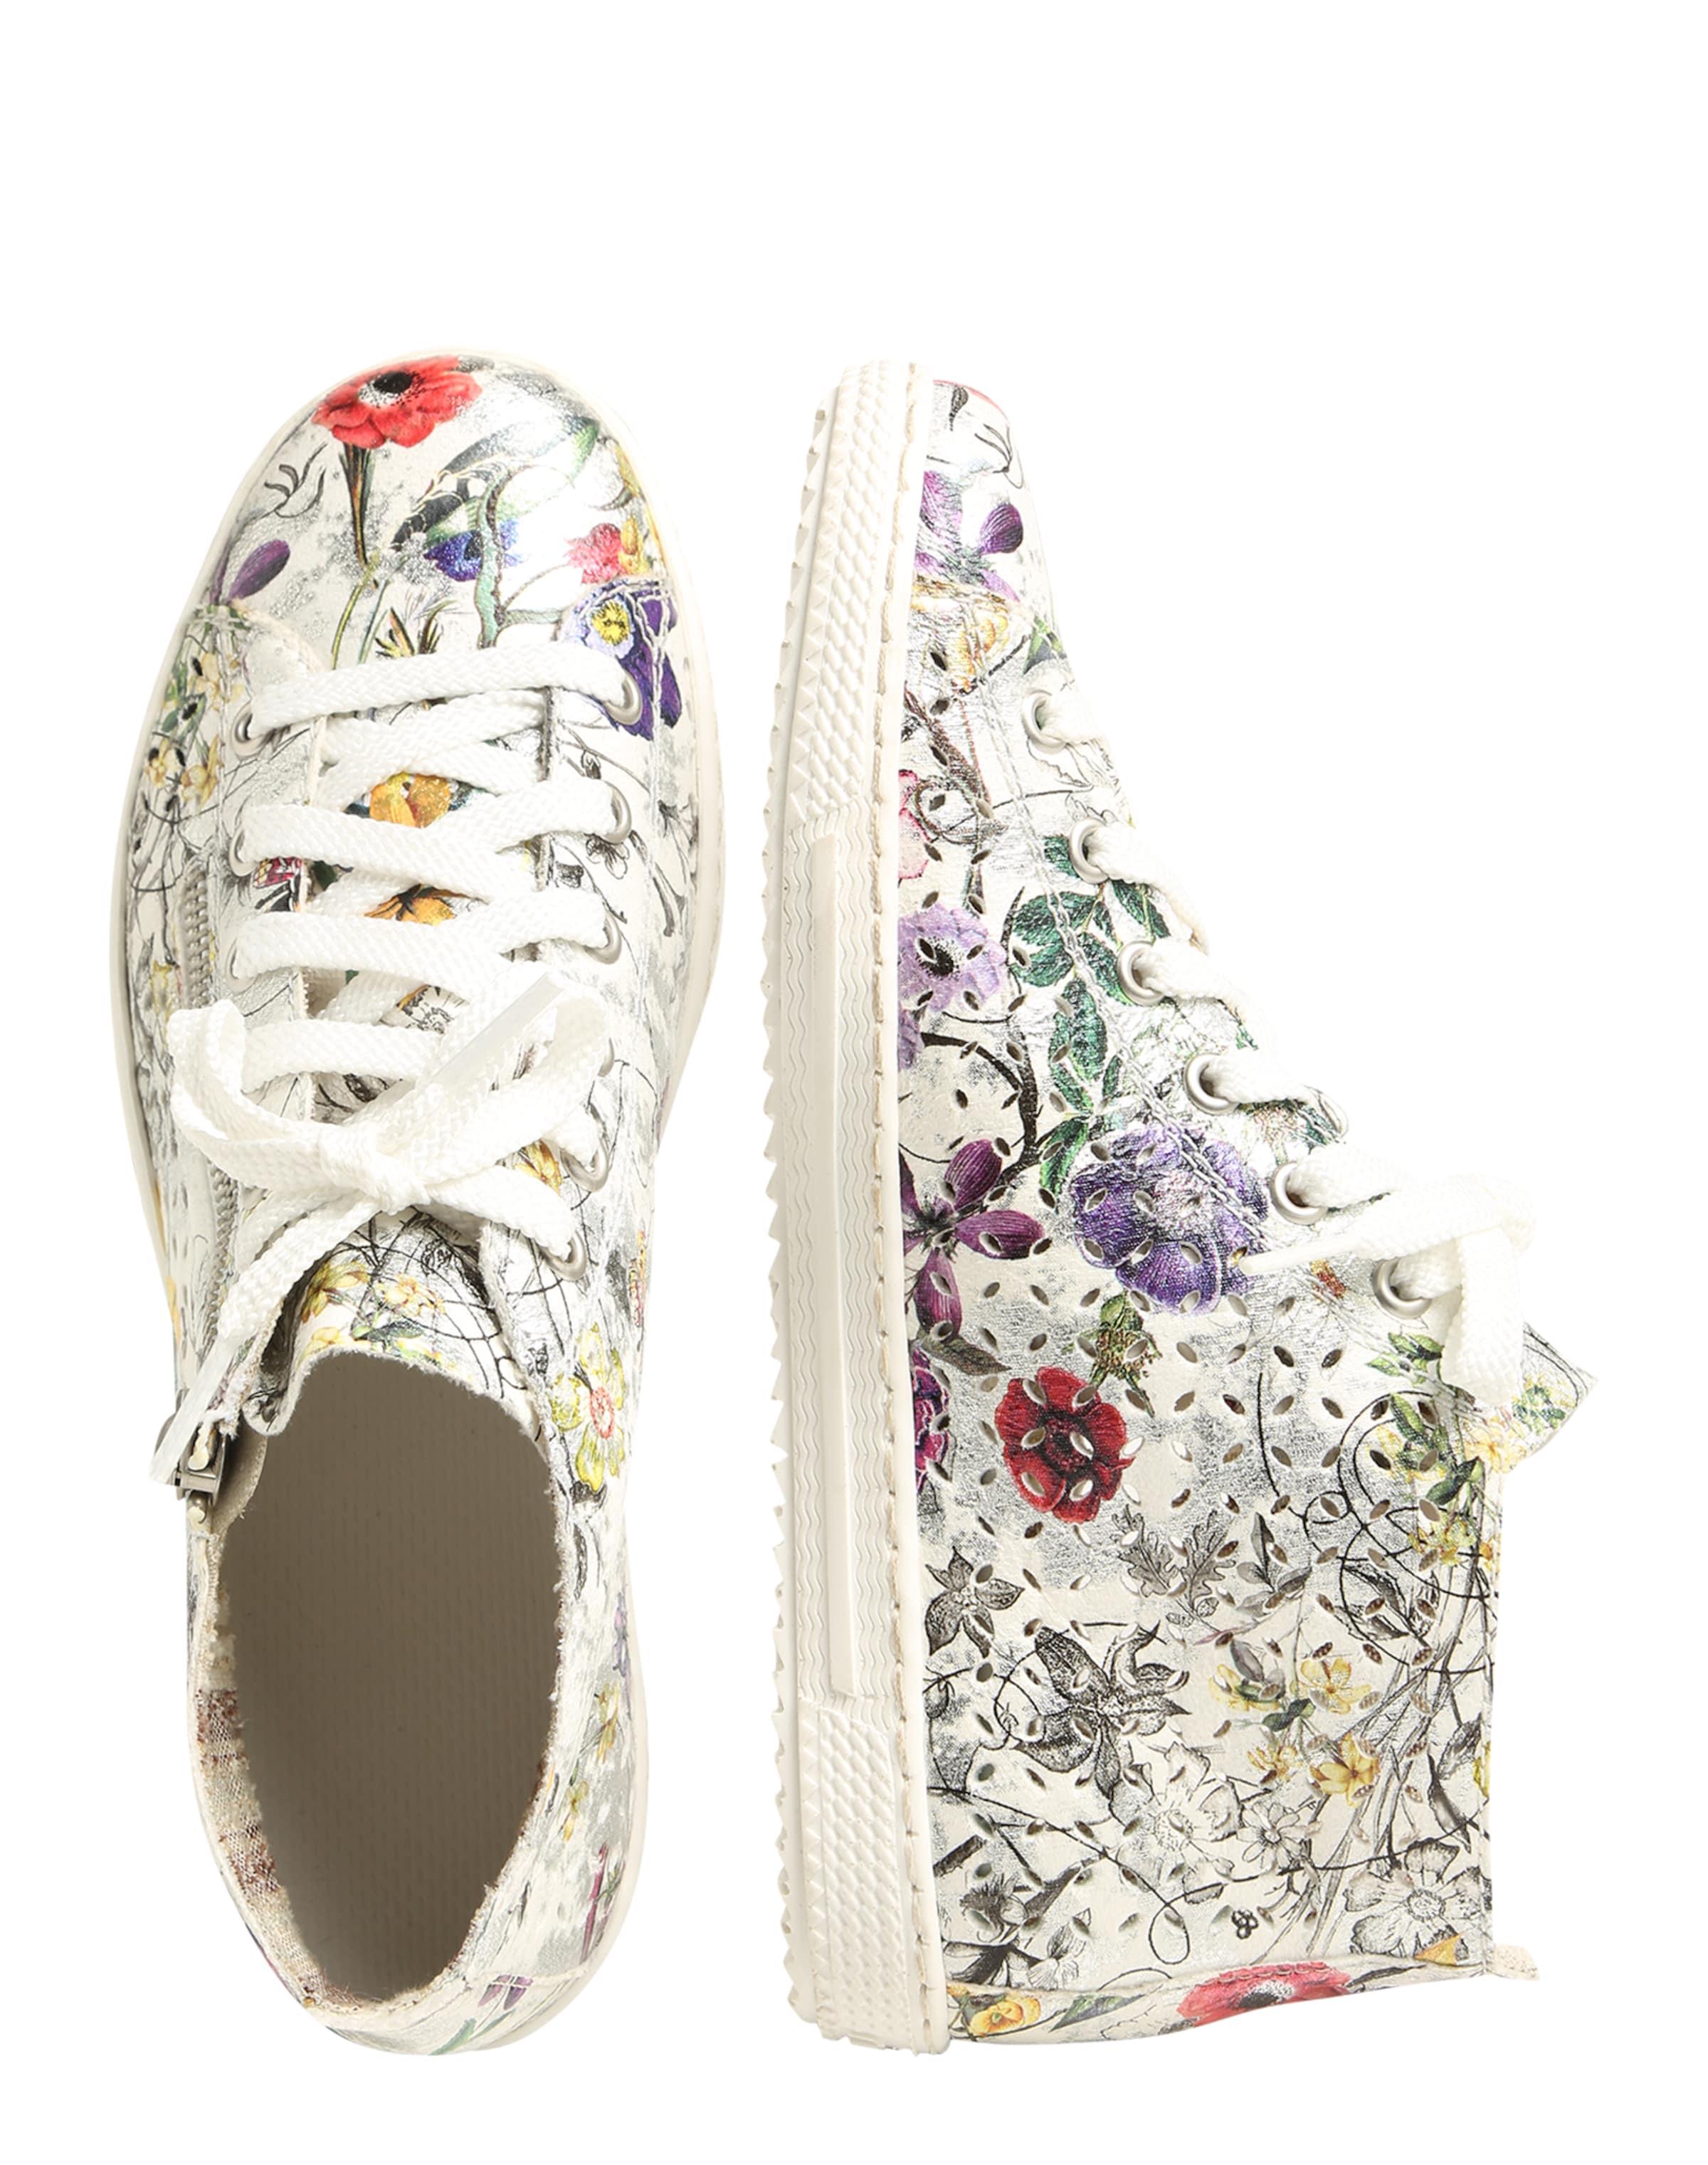 RIEKER Sneaker mit floralem Print Spielraum Klassisch Billig Erstaunlicher Preis w3xL7N